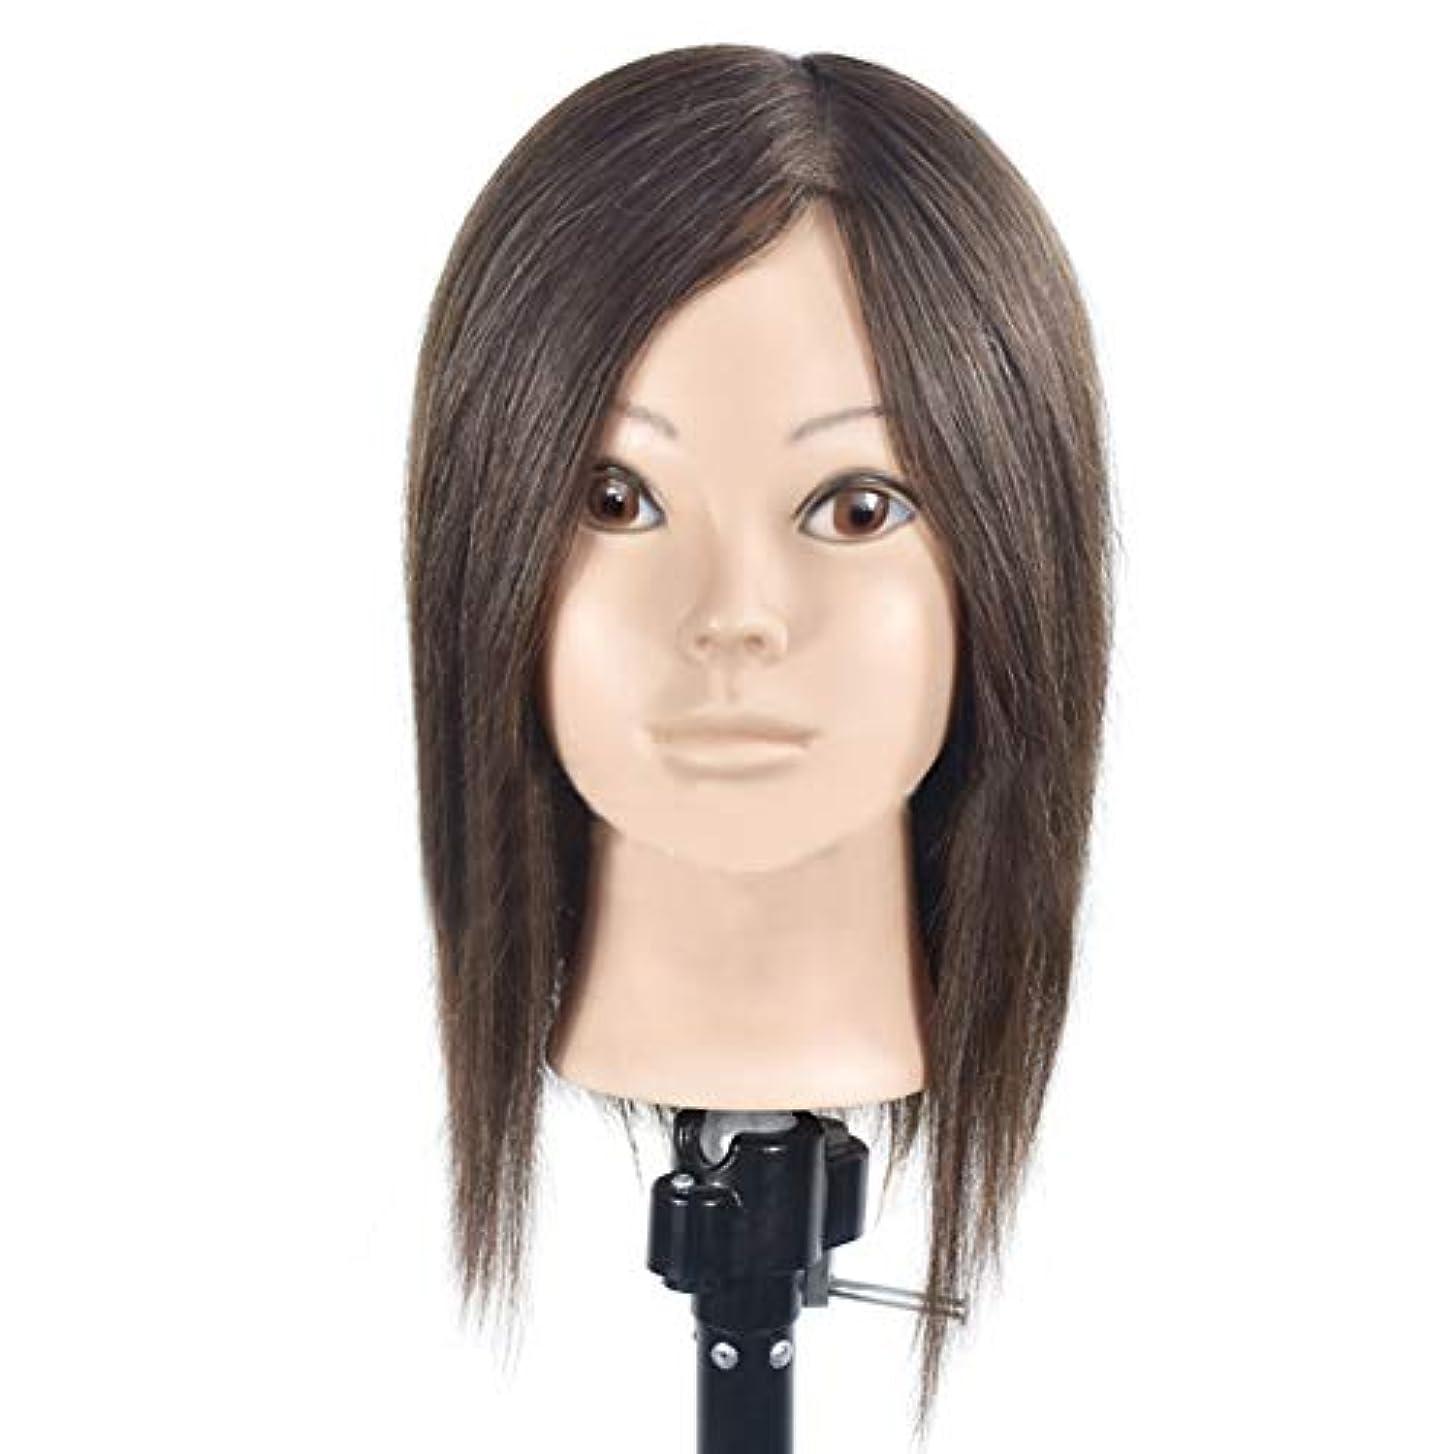 方言国民住人本物の人間の髪のかつらの頭の金型の理髪の髪型のスタイリングマネキンの頭の理髪店の練習の練習ダミーヘッド